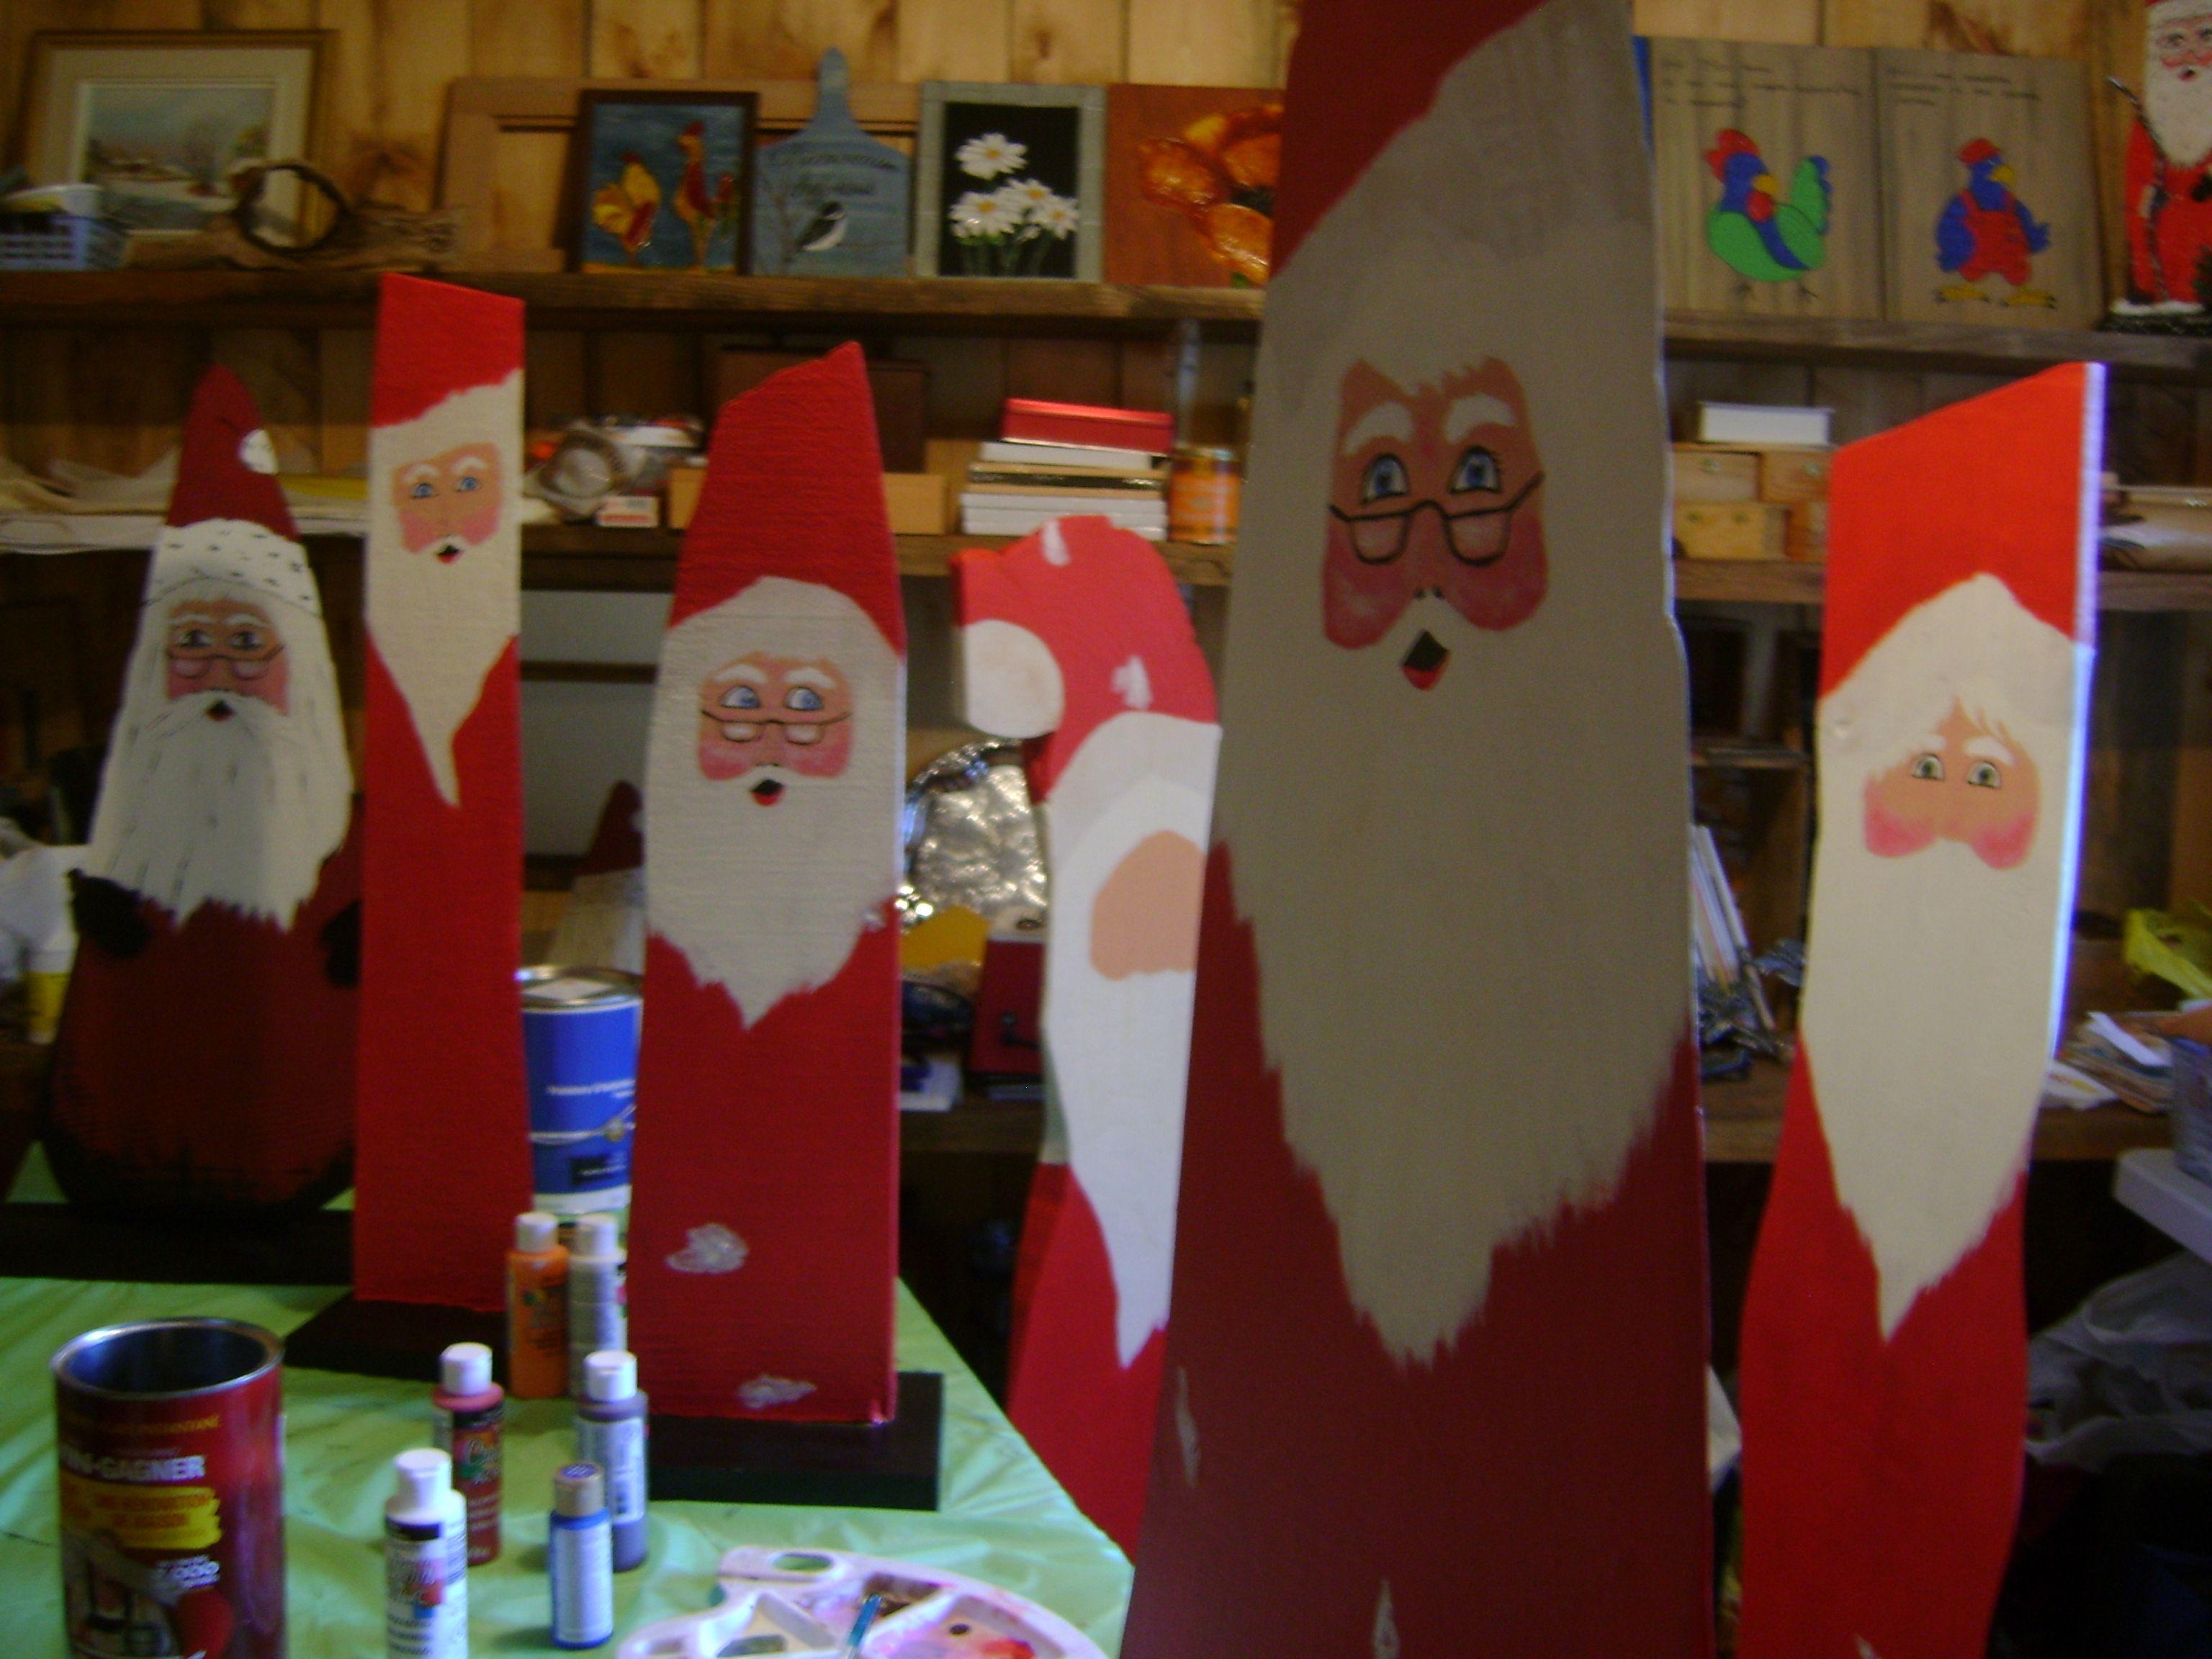 Création de Père Noël en fabrication dans mon atelier en 2013......déménagé maintenant.